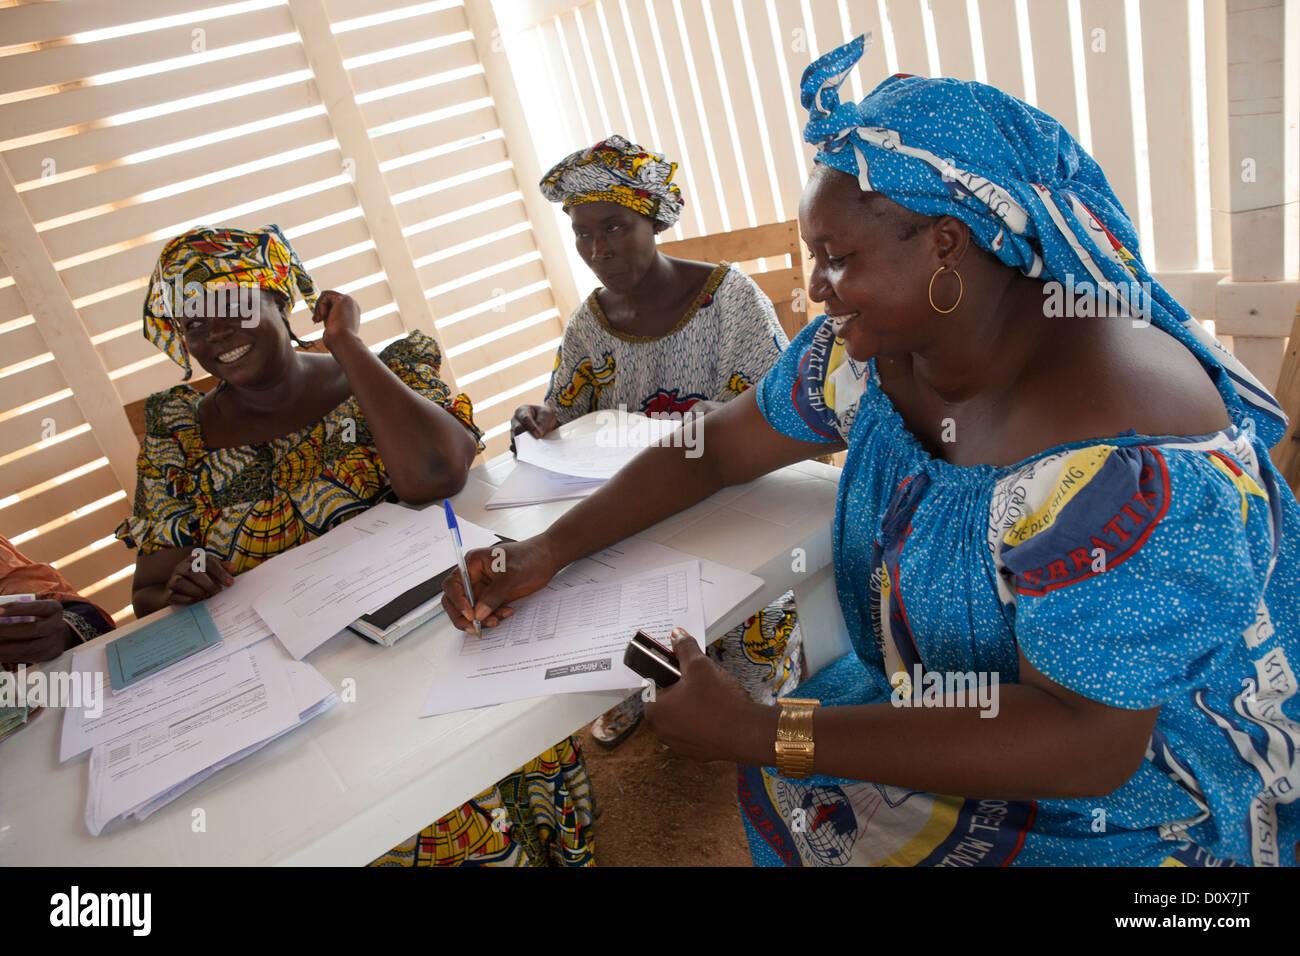 Eine Frau Anzeichen für eine Mikrofinanzierung Darlehen in Doba, Tschad, Afrika. Stockfoto